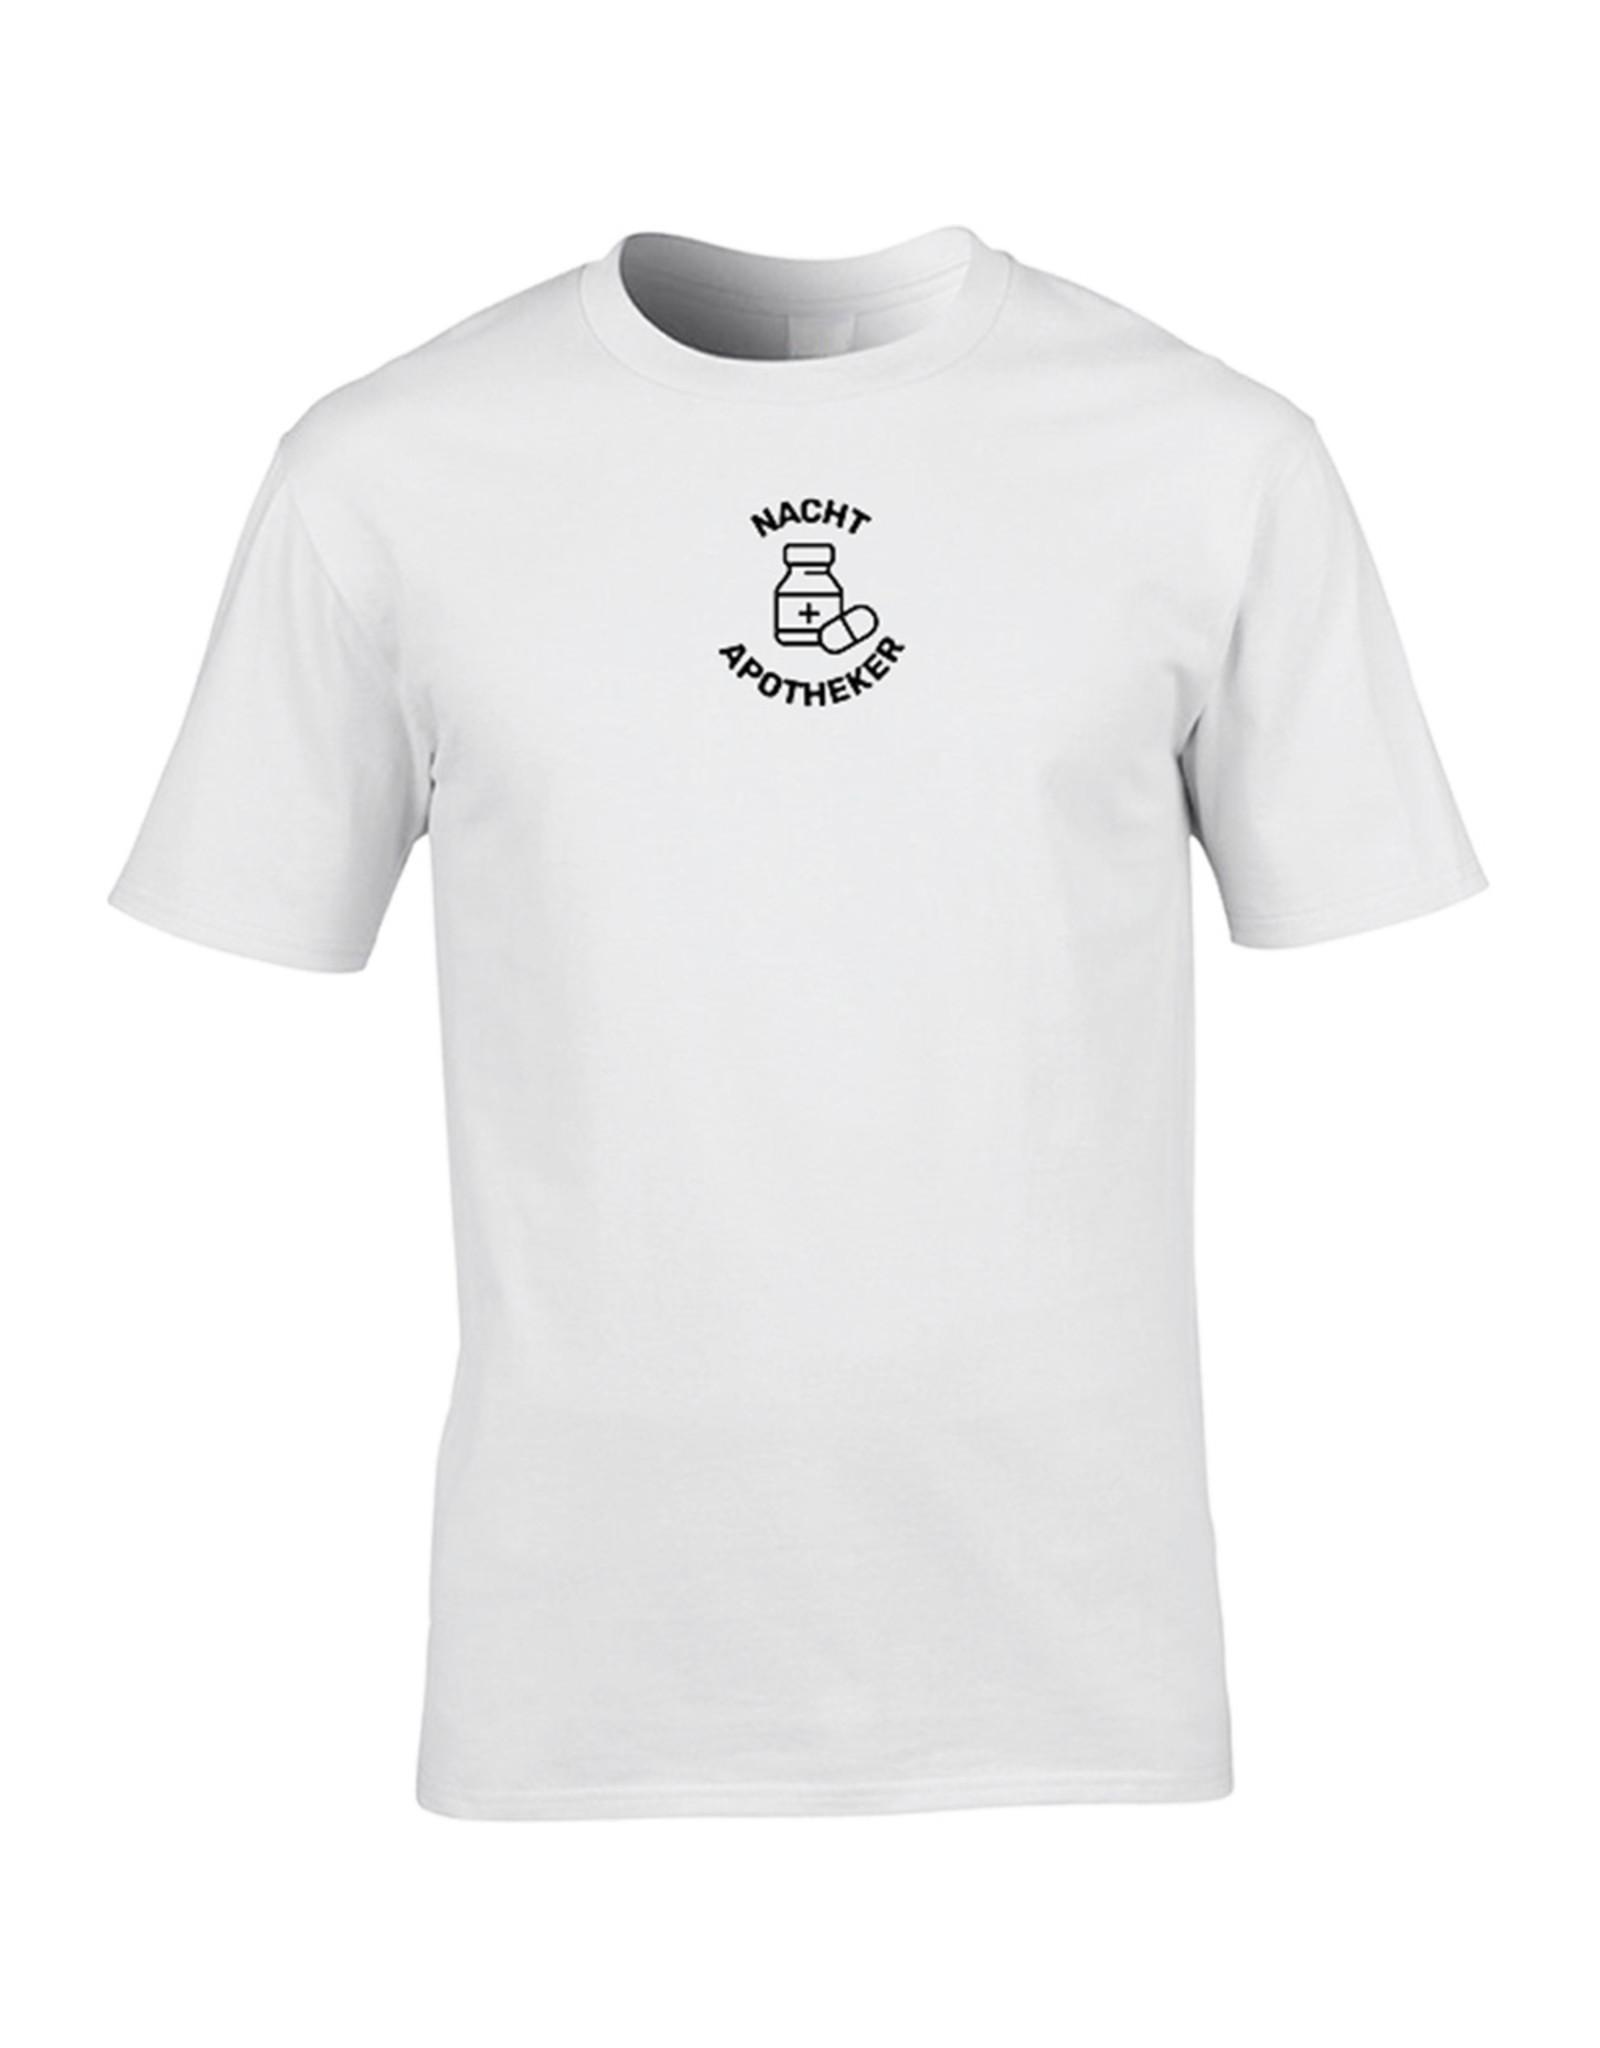 Festicap T-Shirt Nacht Apotheker | Soft Cotton | Handmade by us